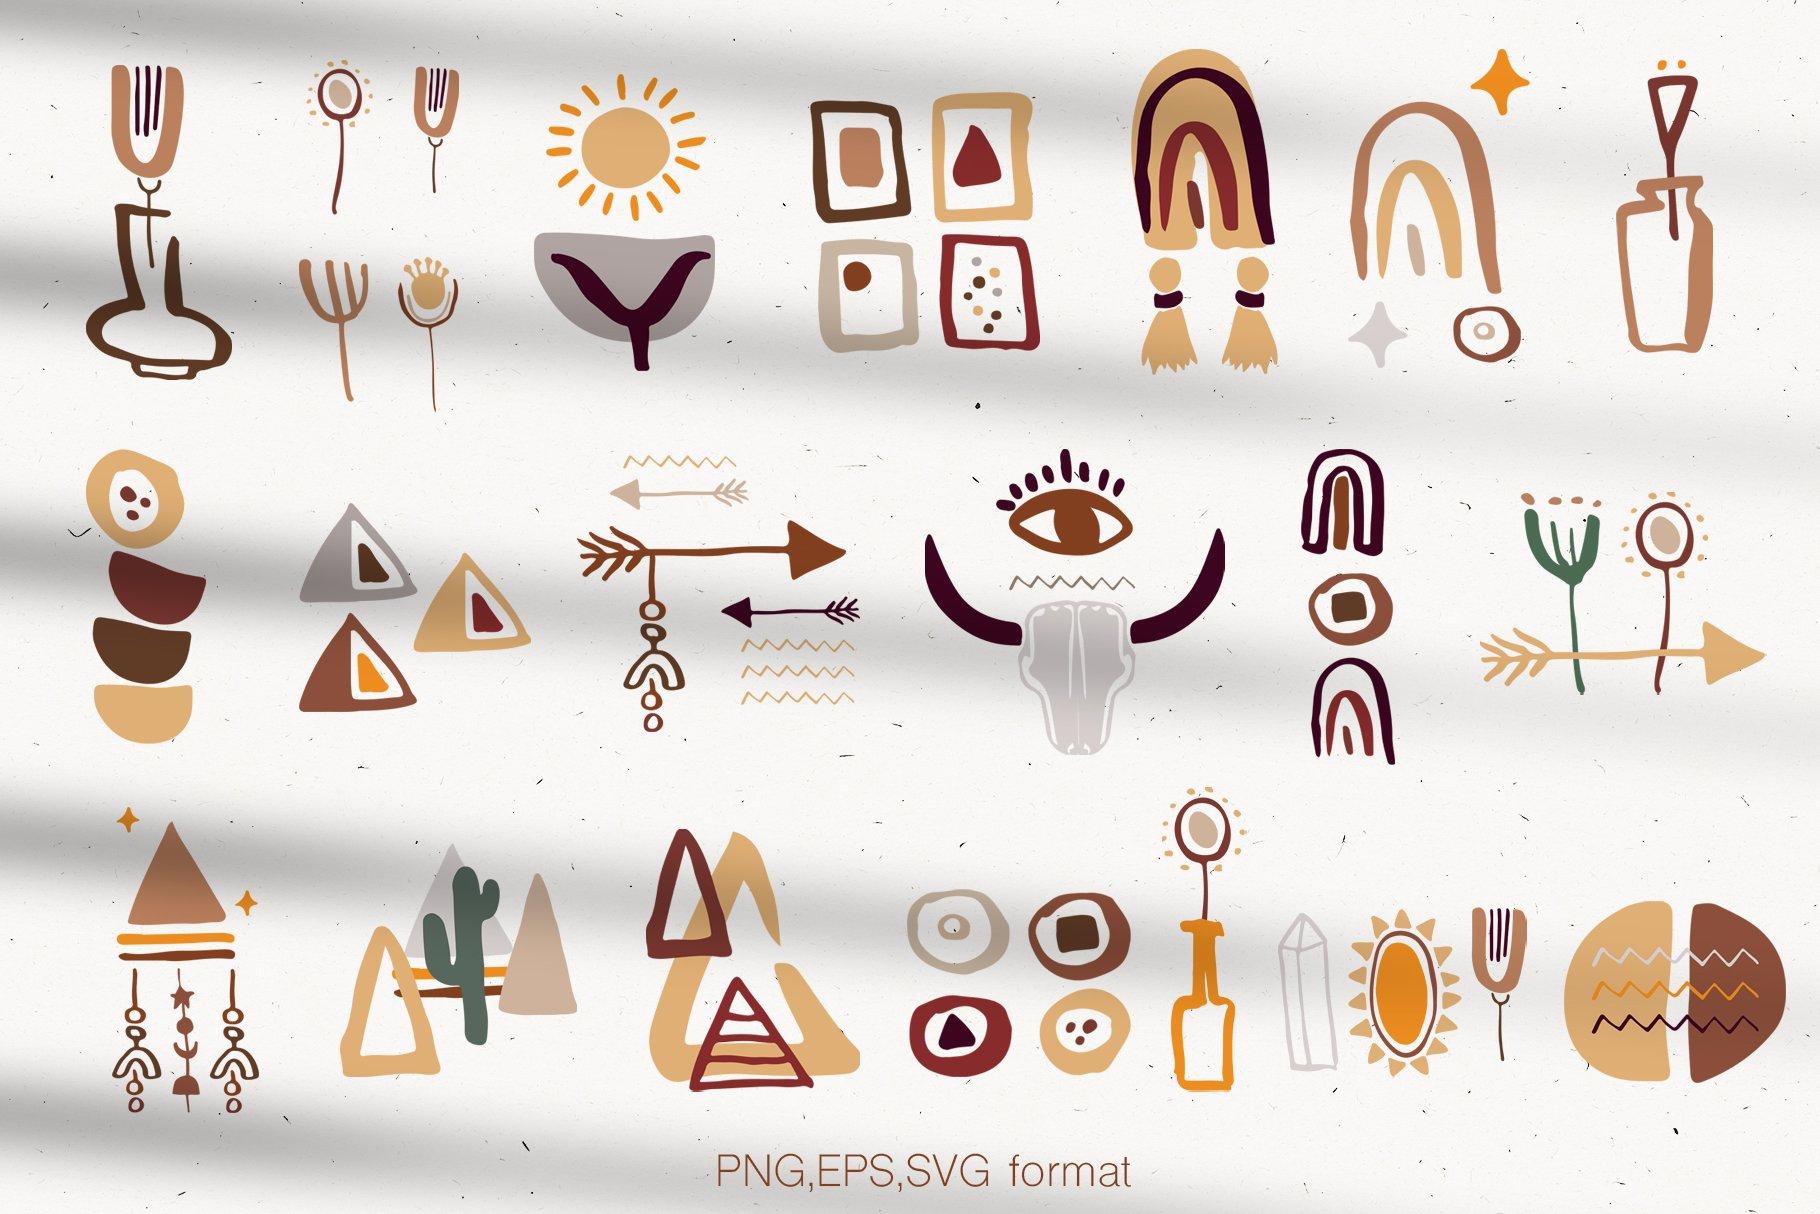 400多个波西米亚元素装饰图案背景AI图片素材 Boho Philosophy Collection插图(10)